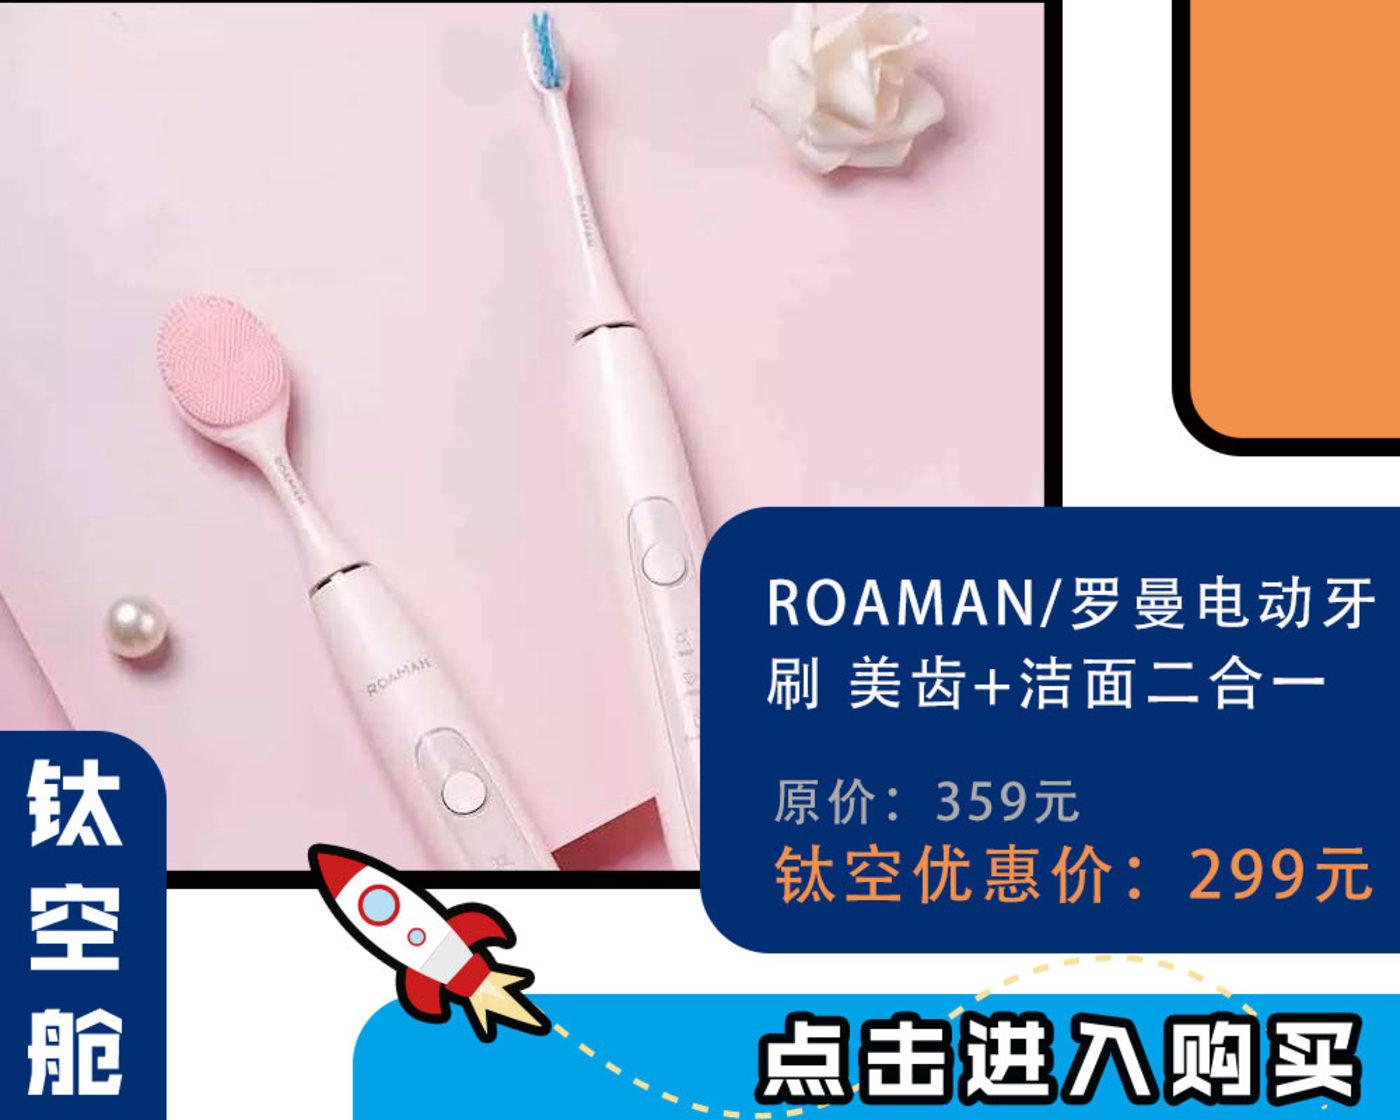 这个电动牙刷不仅能刷牙还能洗脸,连宋祖儿都力荐,肯定没错了 | 精分剧场